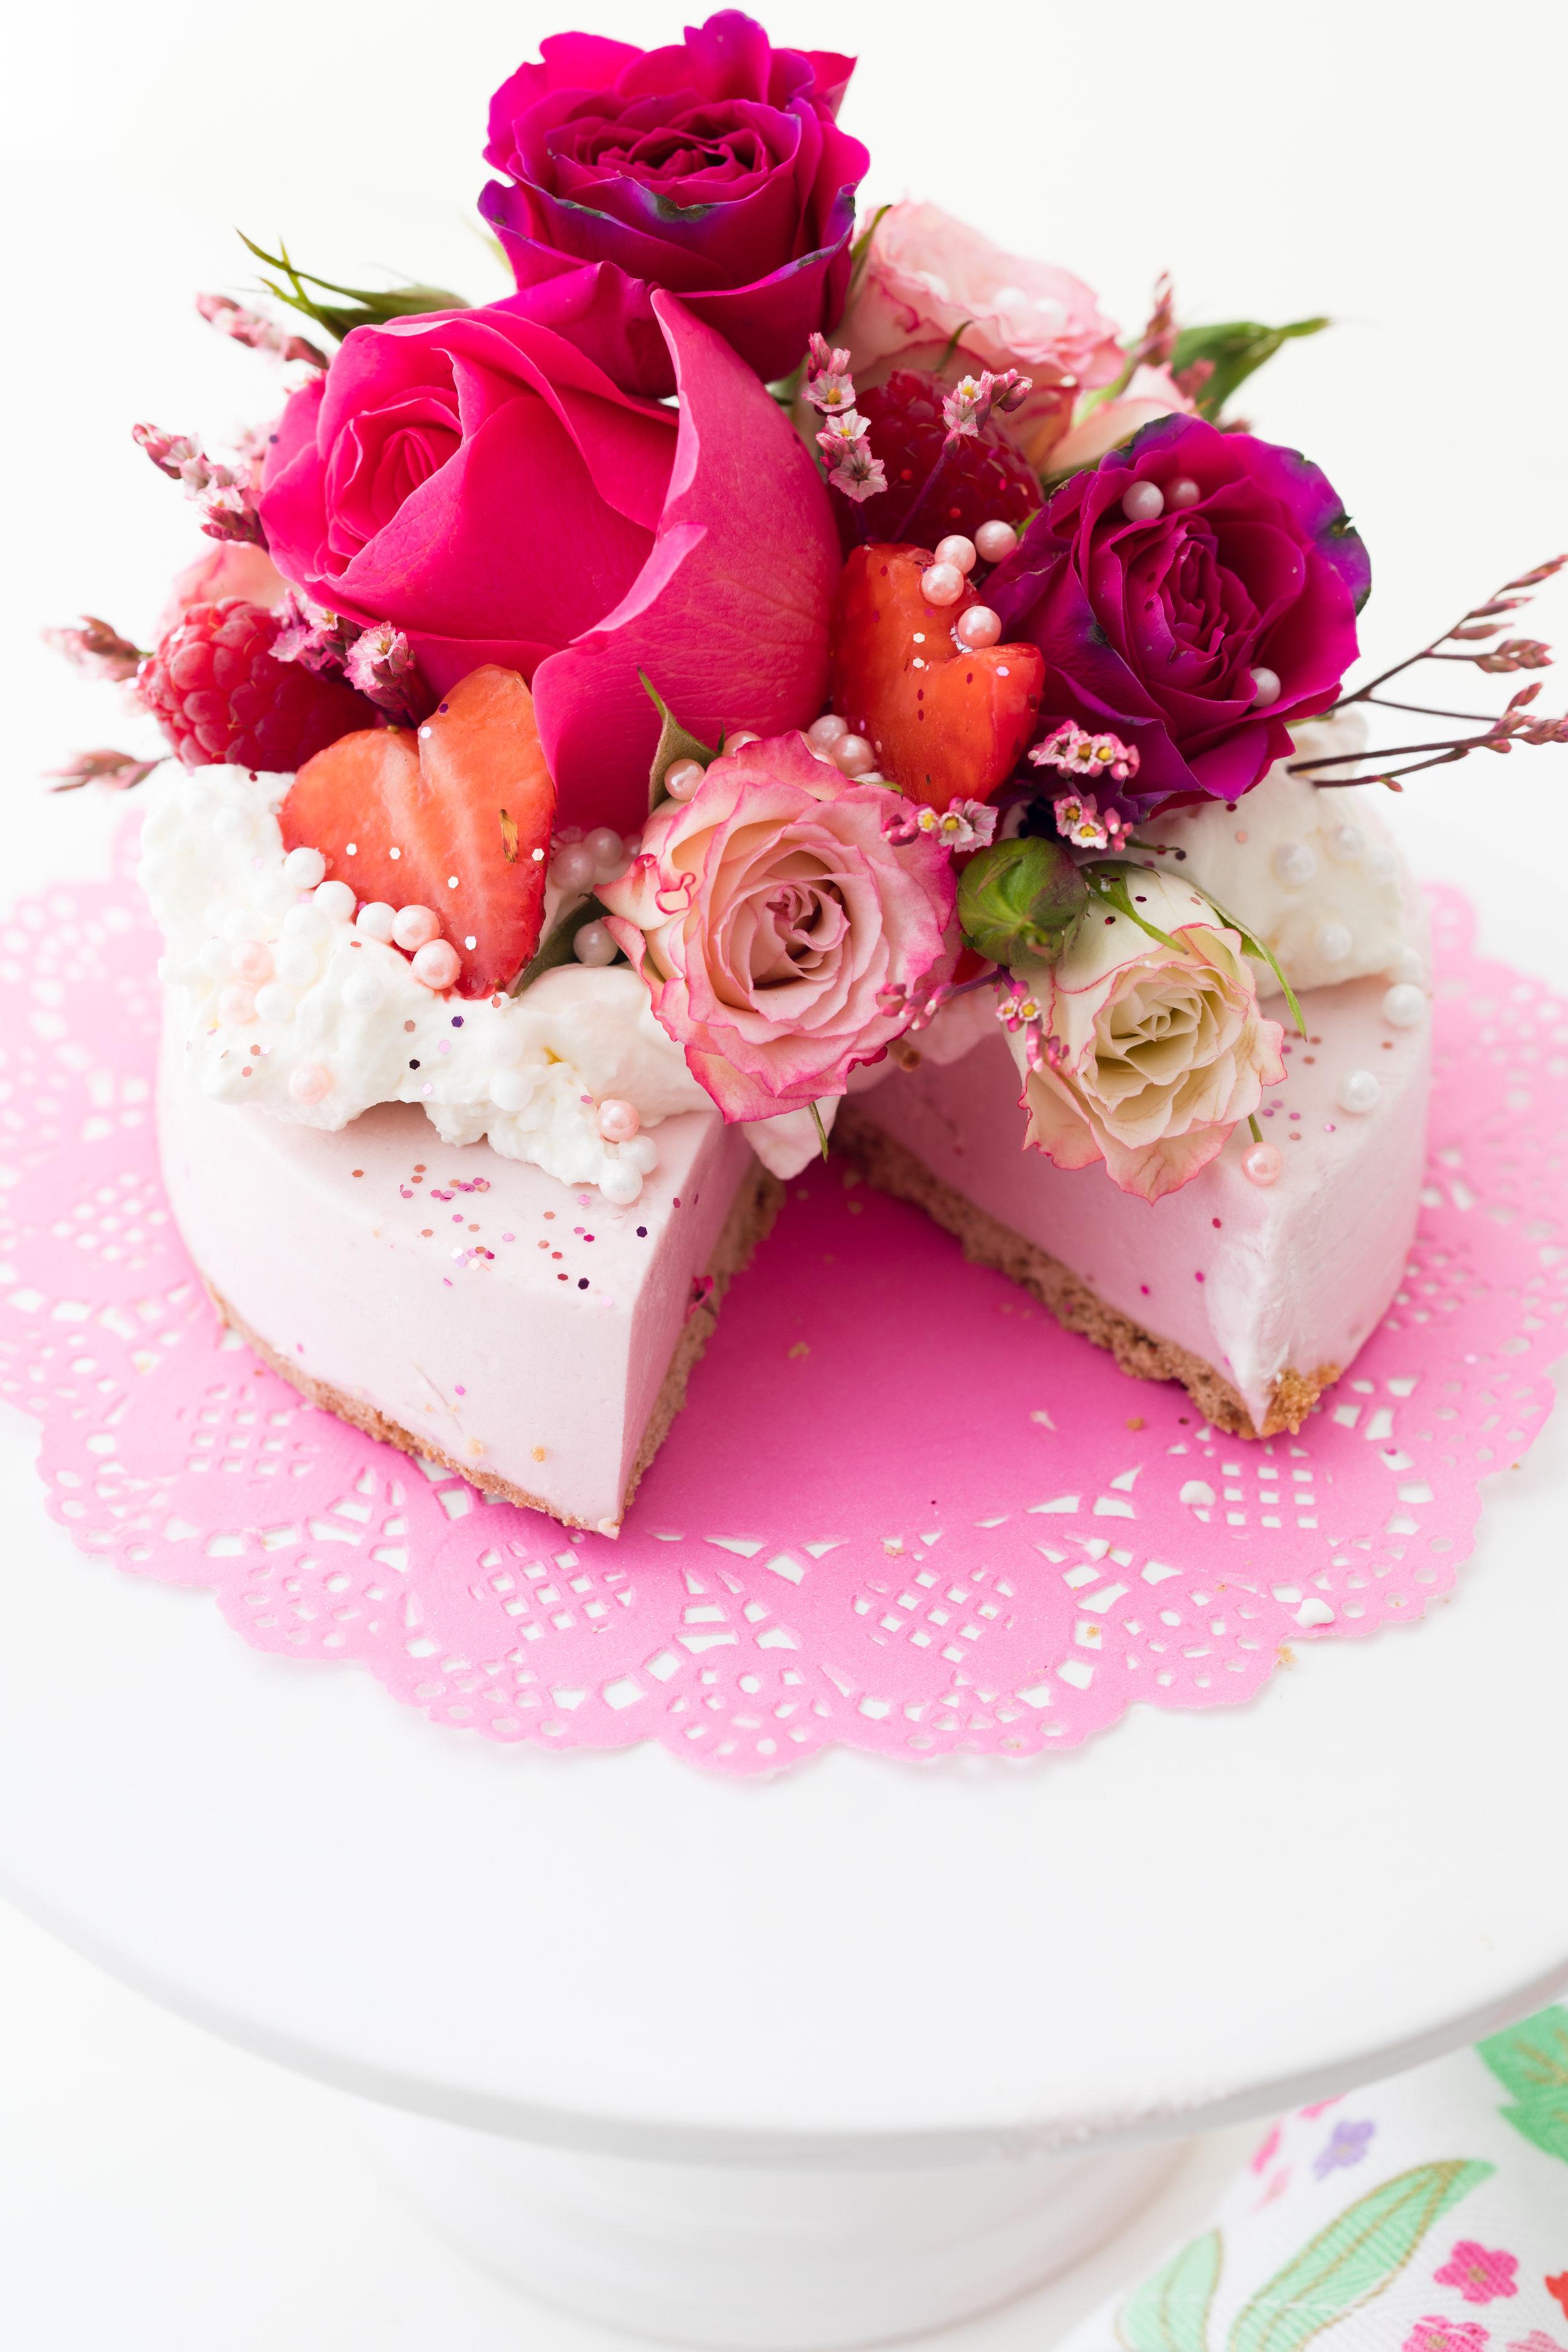 No Bake Strawberry Cheesecake 2.jpg